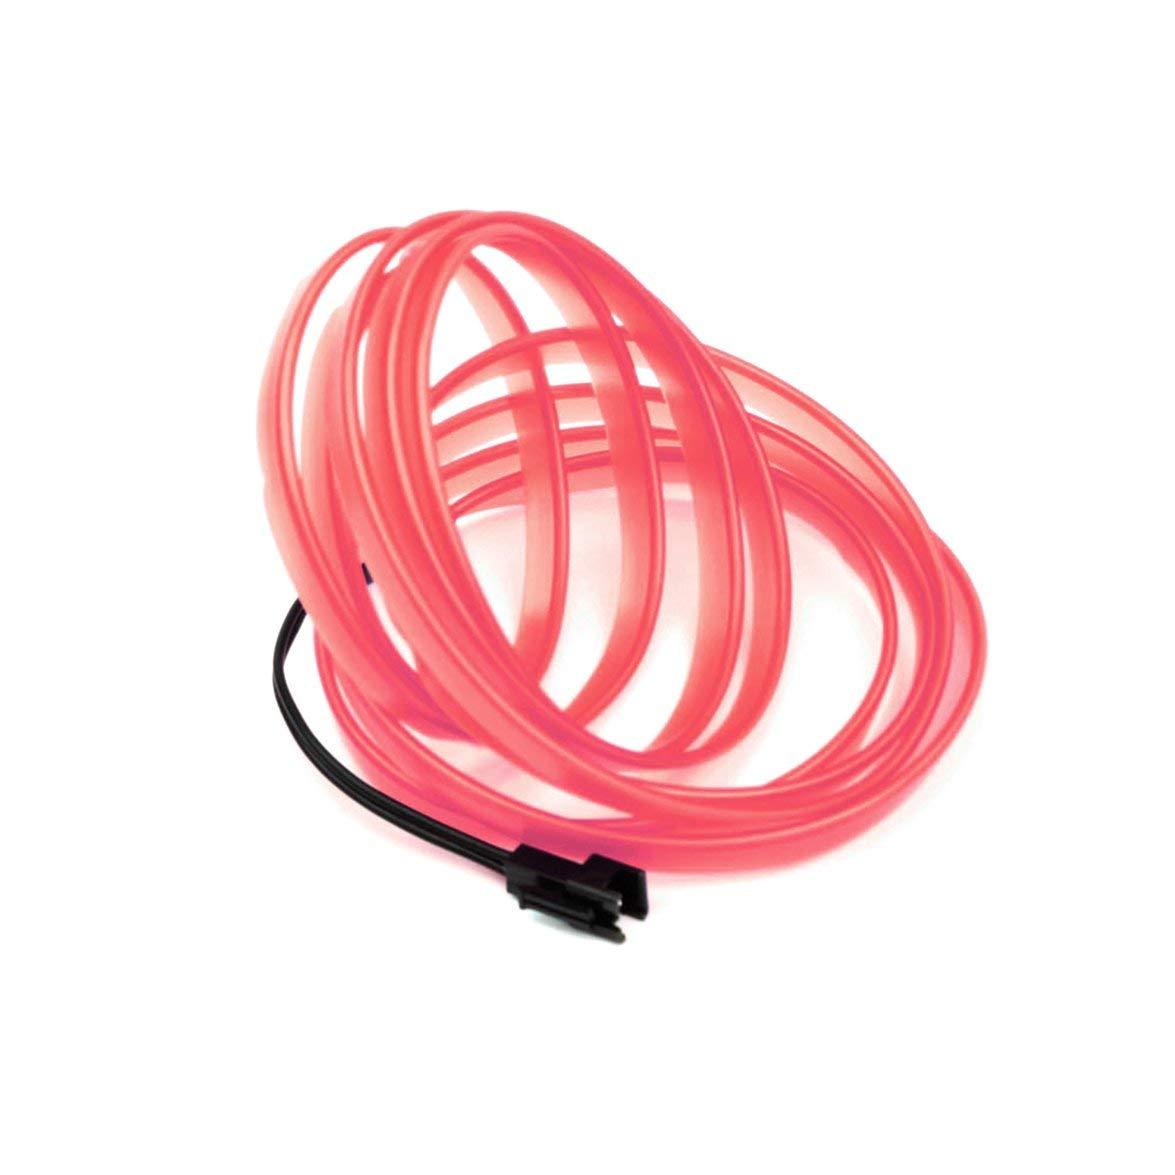 Kongqiabona 1 PZ LED EL Luce Auto Veicolo Styling FAI DA TE Luce Flessibile Decorazione d'interni Stampaggio Striscia di Luce Decorazione del Partito Auto Luce (rosso 3 M)